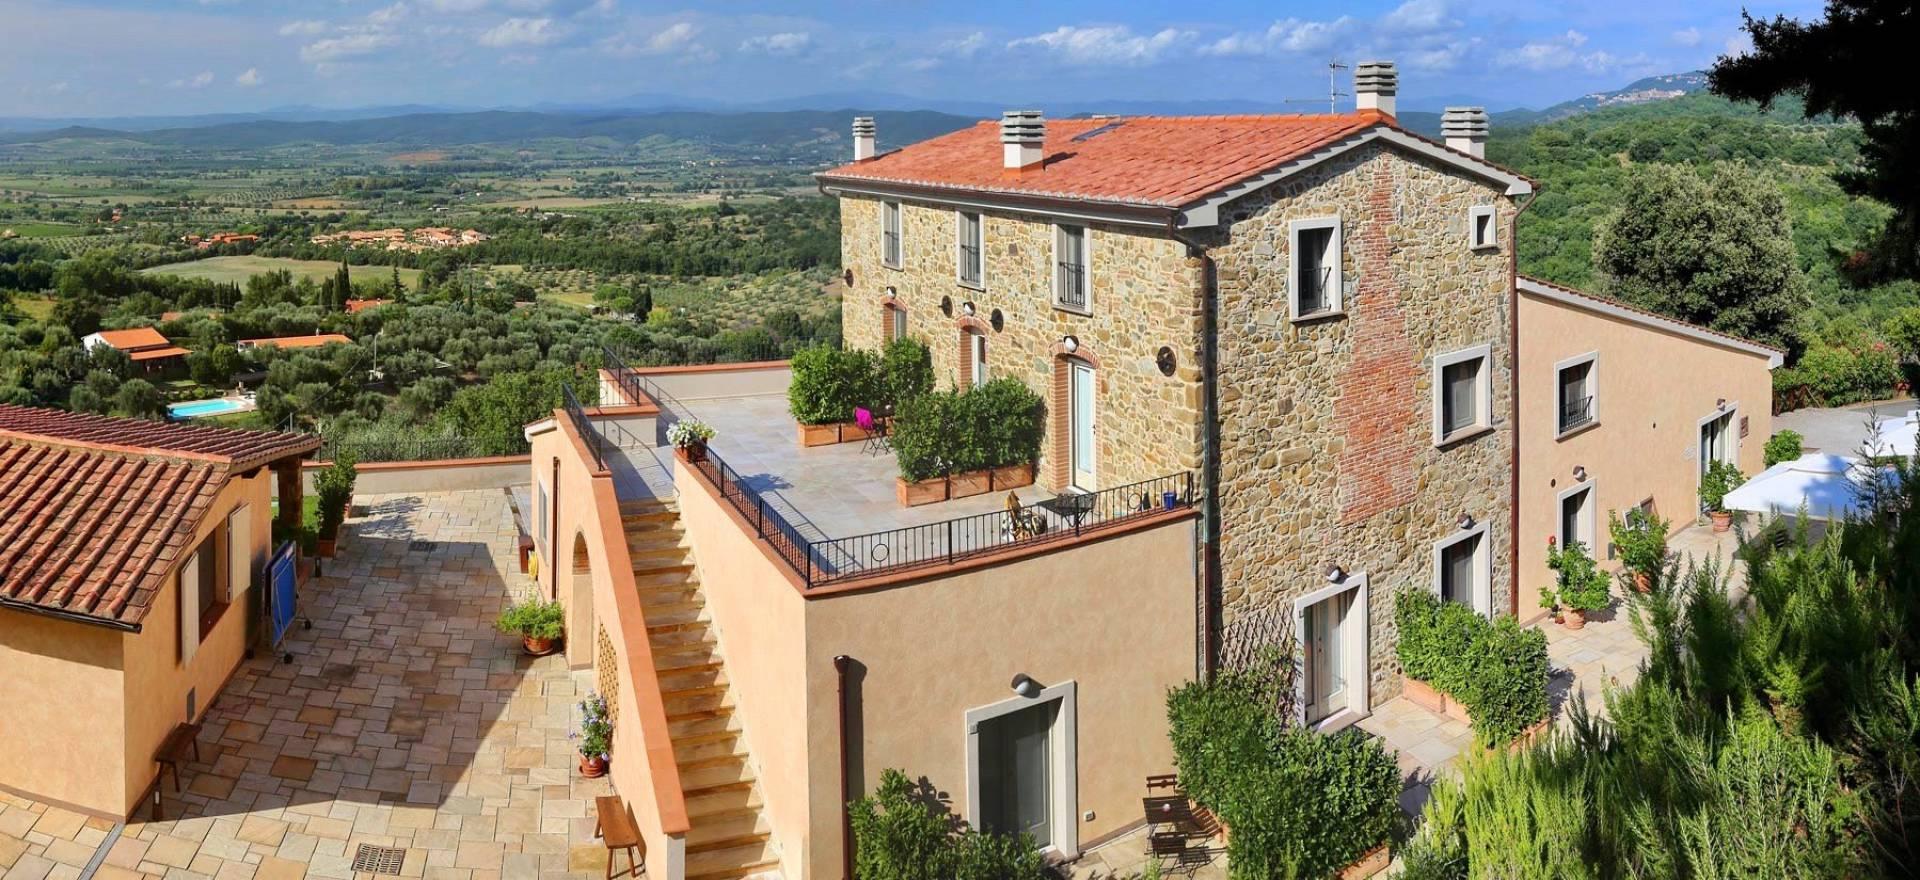 Agriturismo Toscane, luxe kamers en nabij het strand